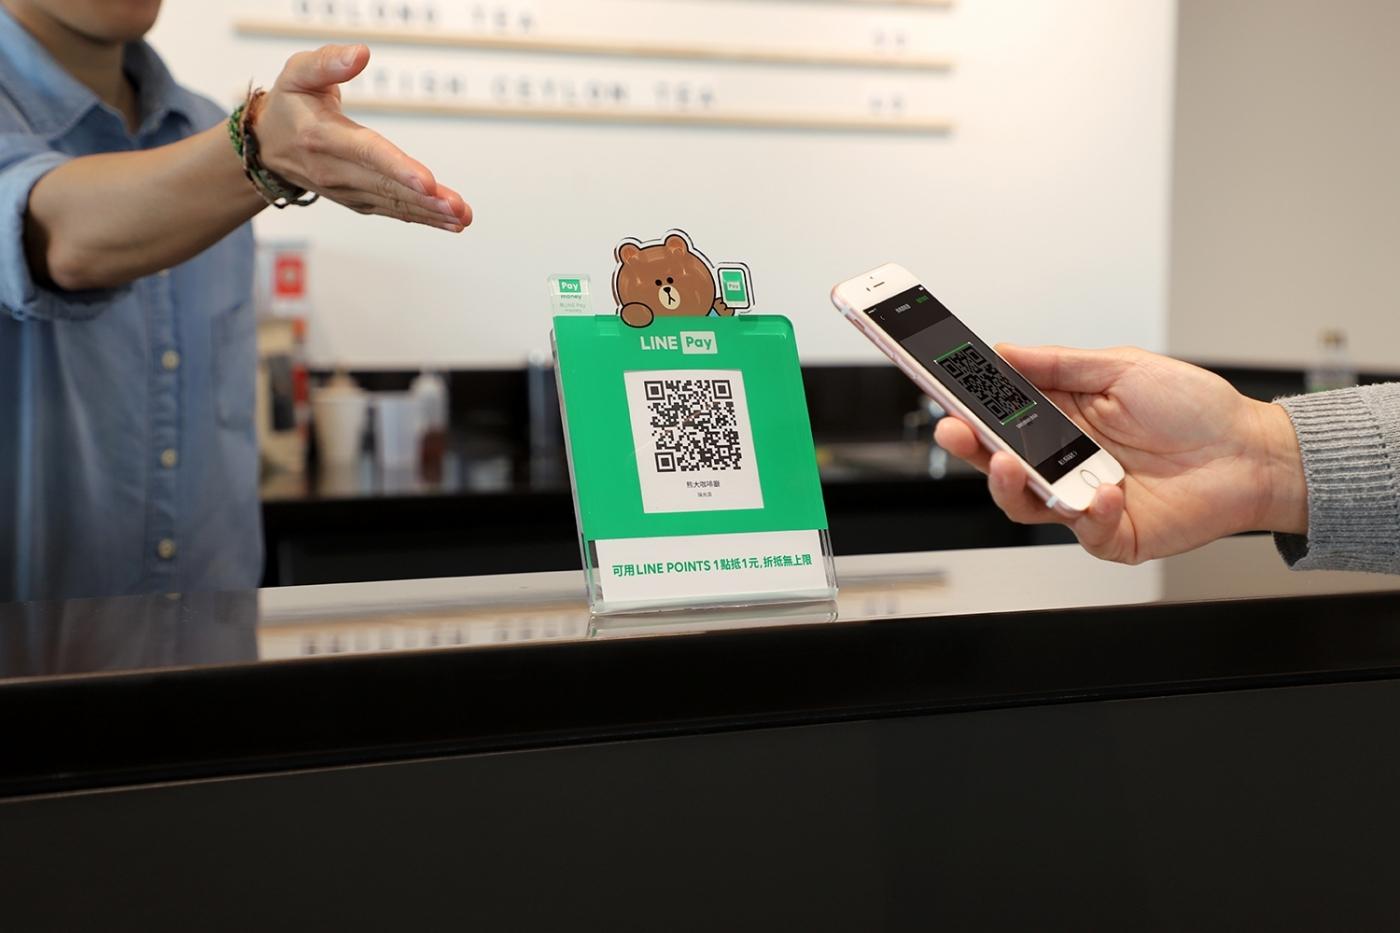 刷卡額消退,電子支付翻倍成長!買單方式轉變背後的關鍵原因是什麼?